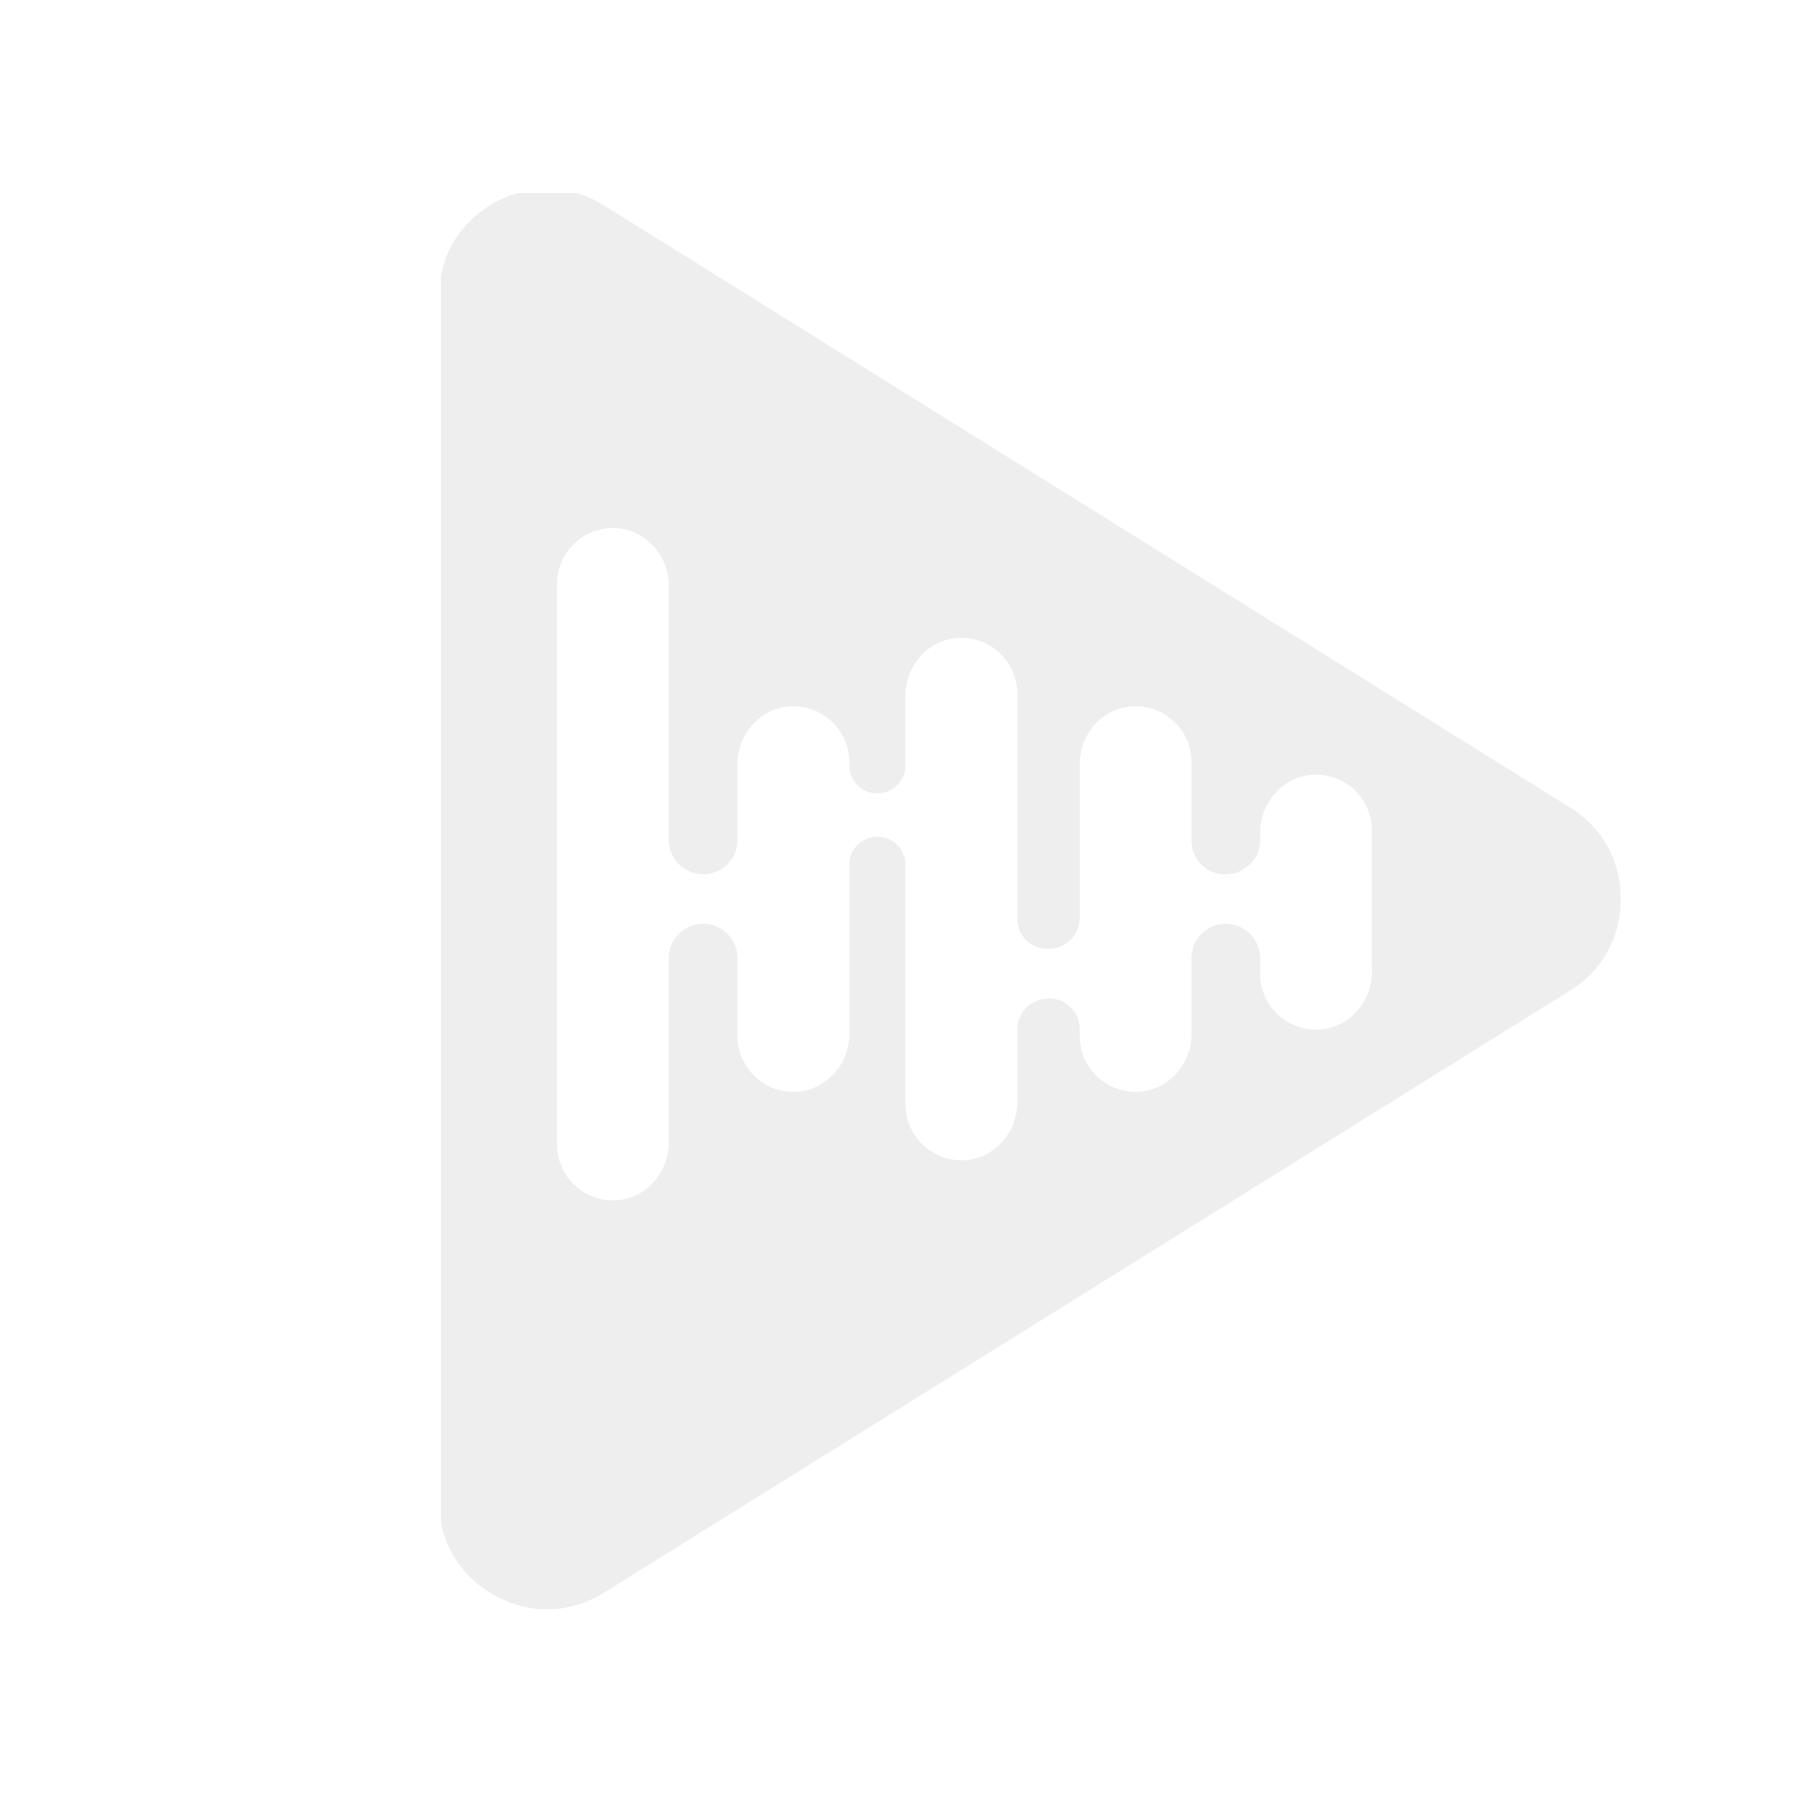 Grandview 148821 - Motor lerret Cyber 332x187, 16:9, 12v trigger, RS 232, F.Kontoll